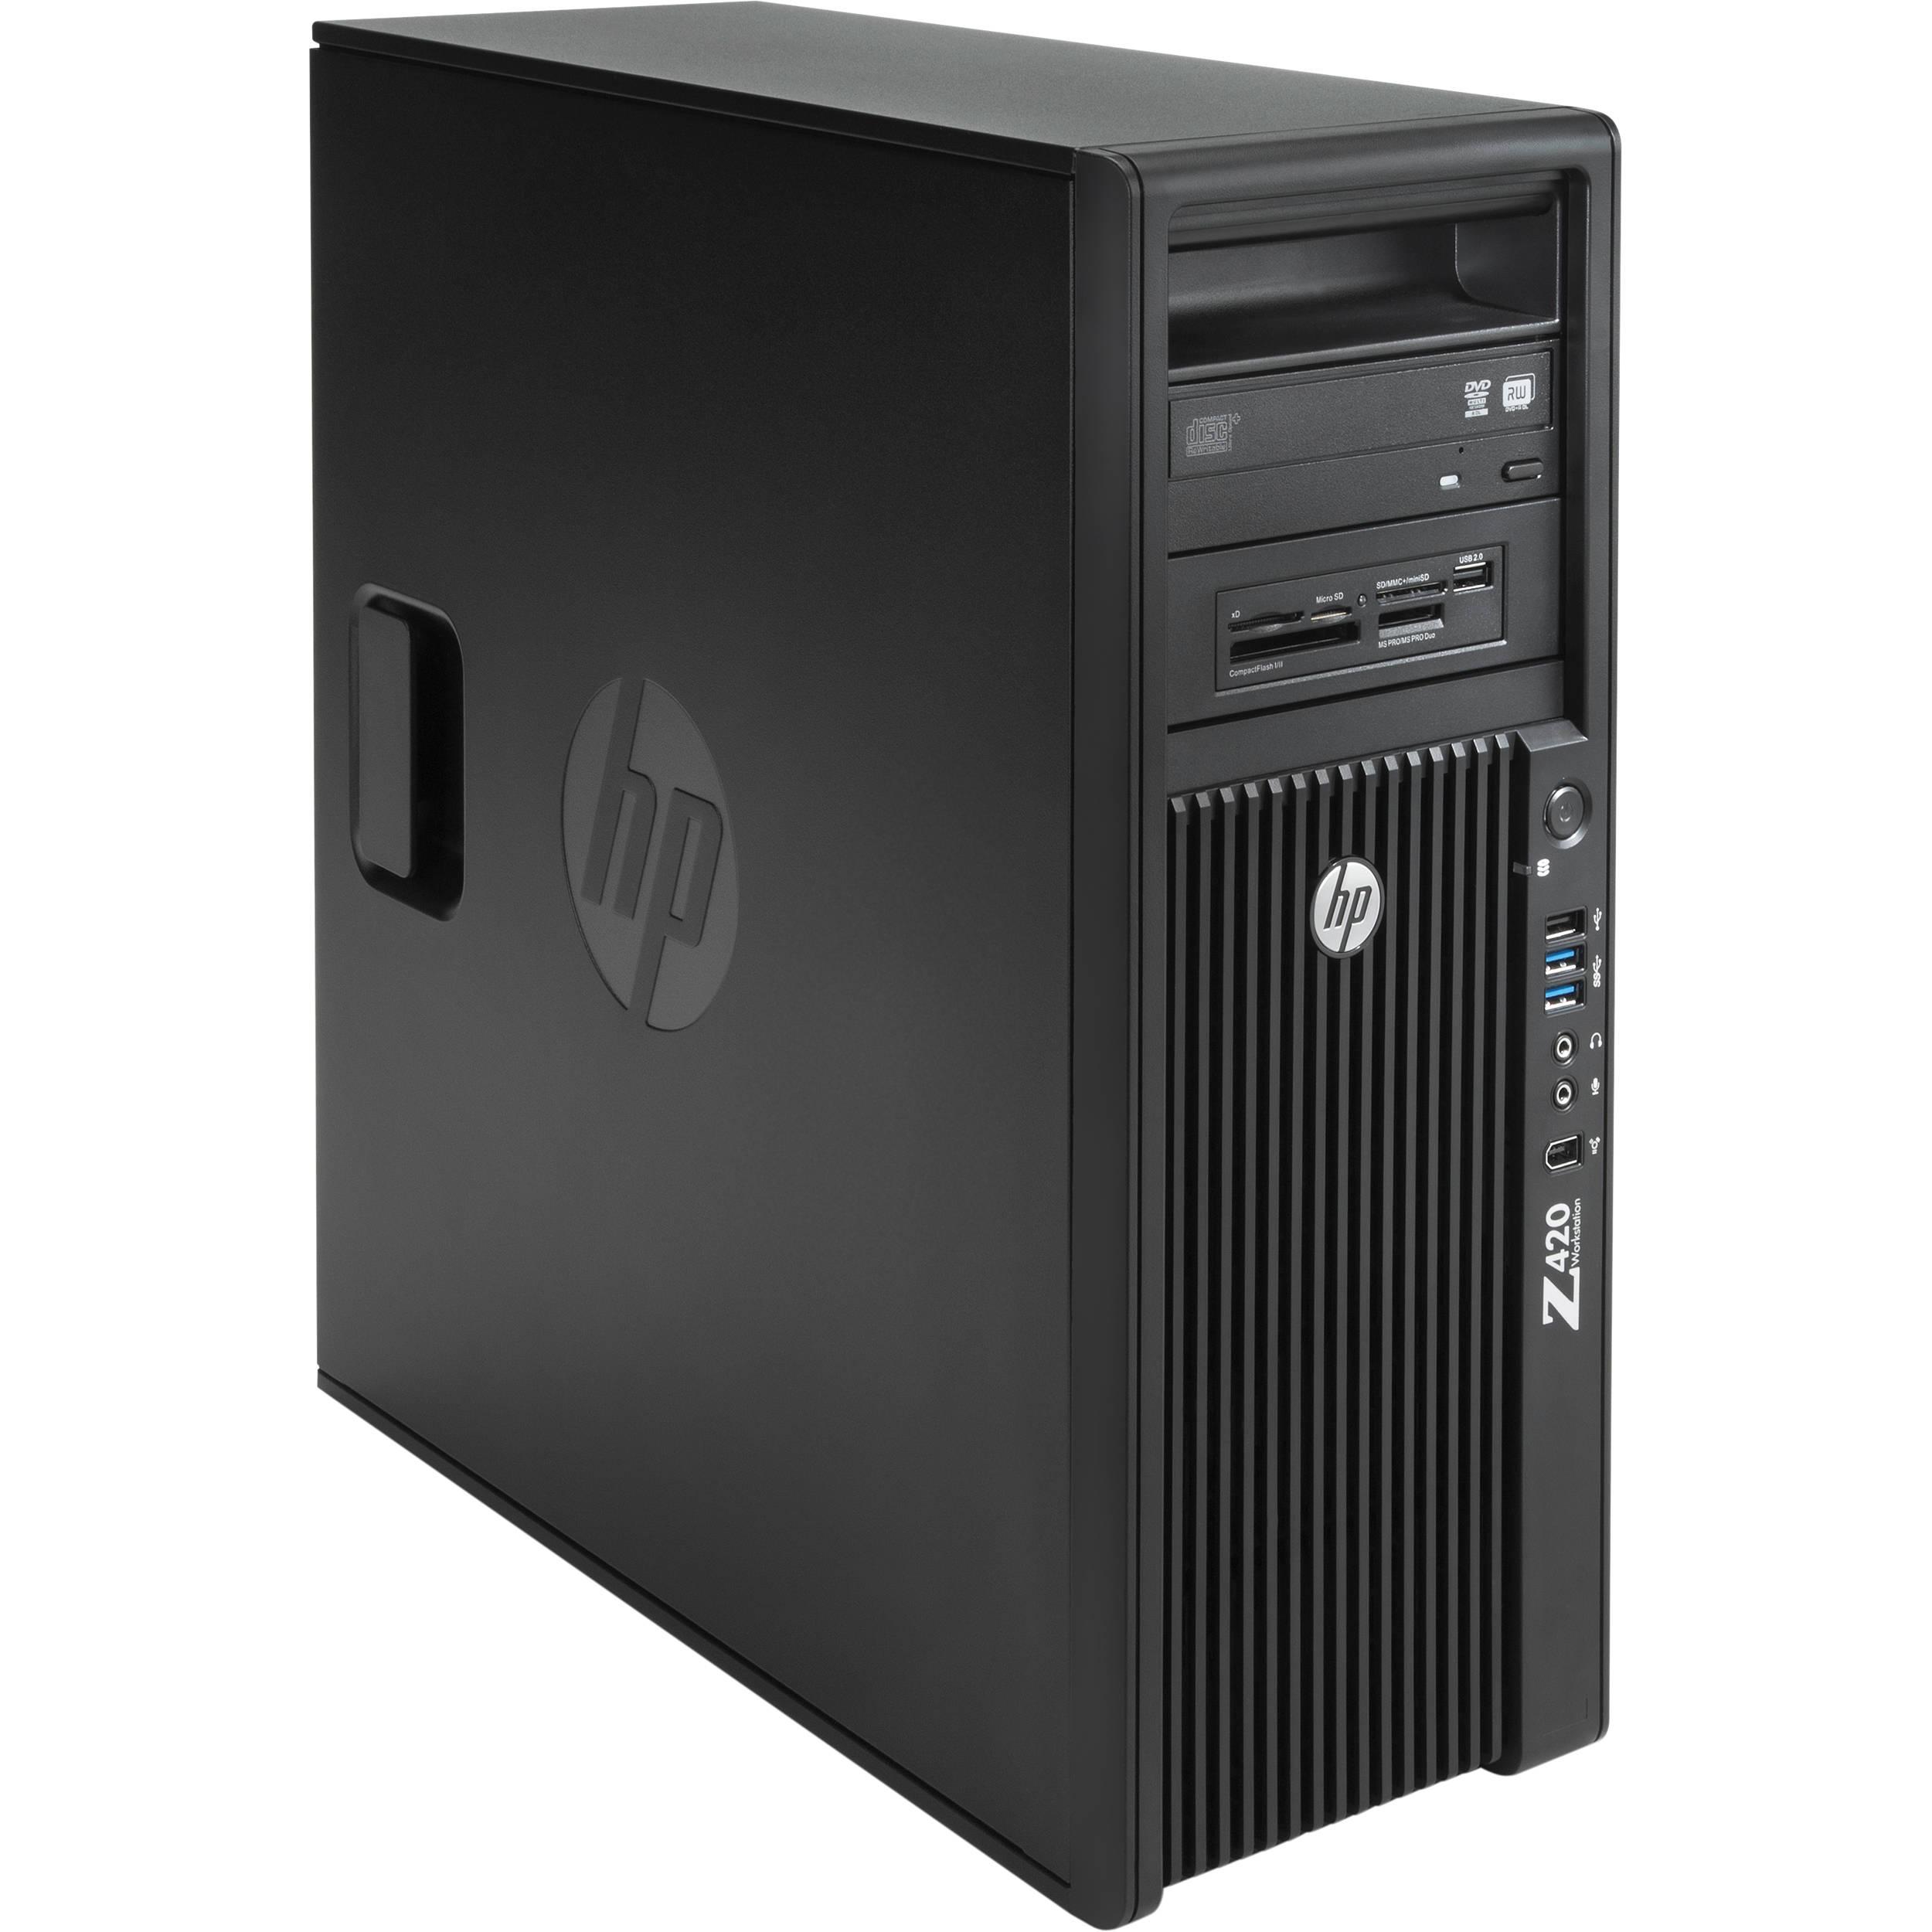 HP Z420 Series F1L05UT Mini-Tower Workstation